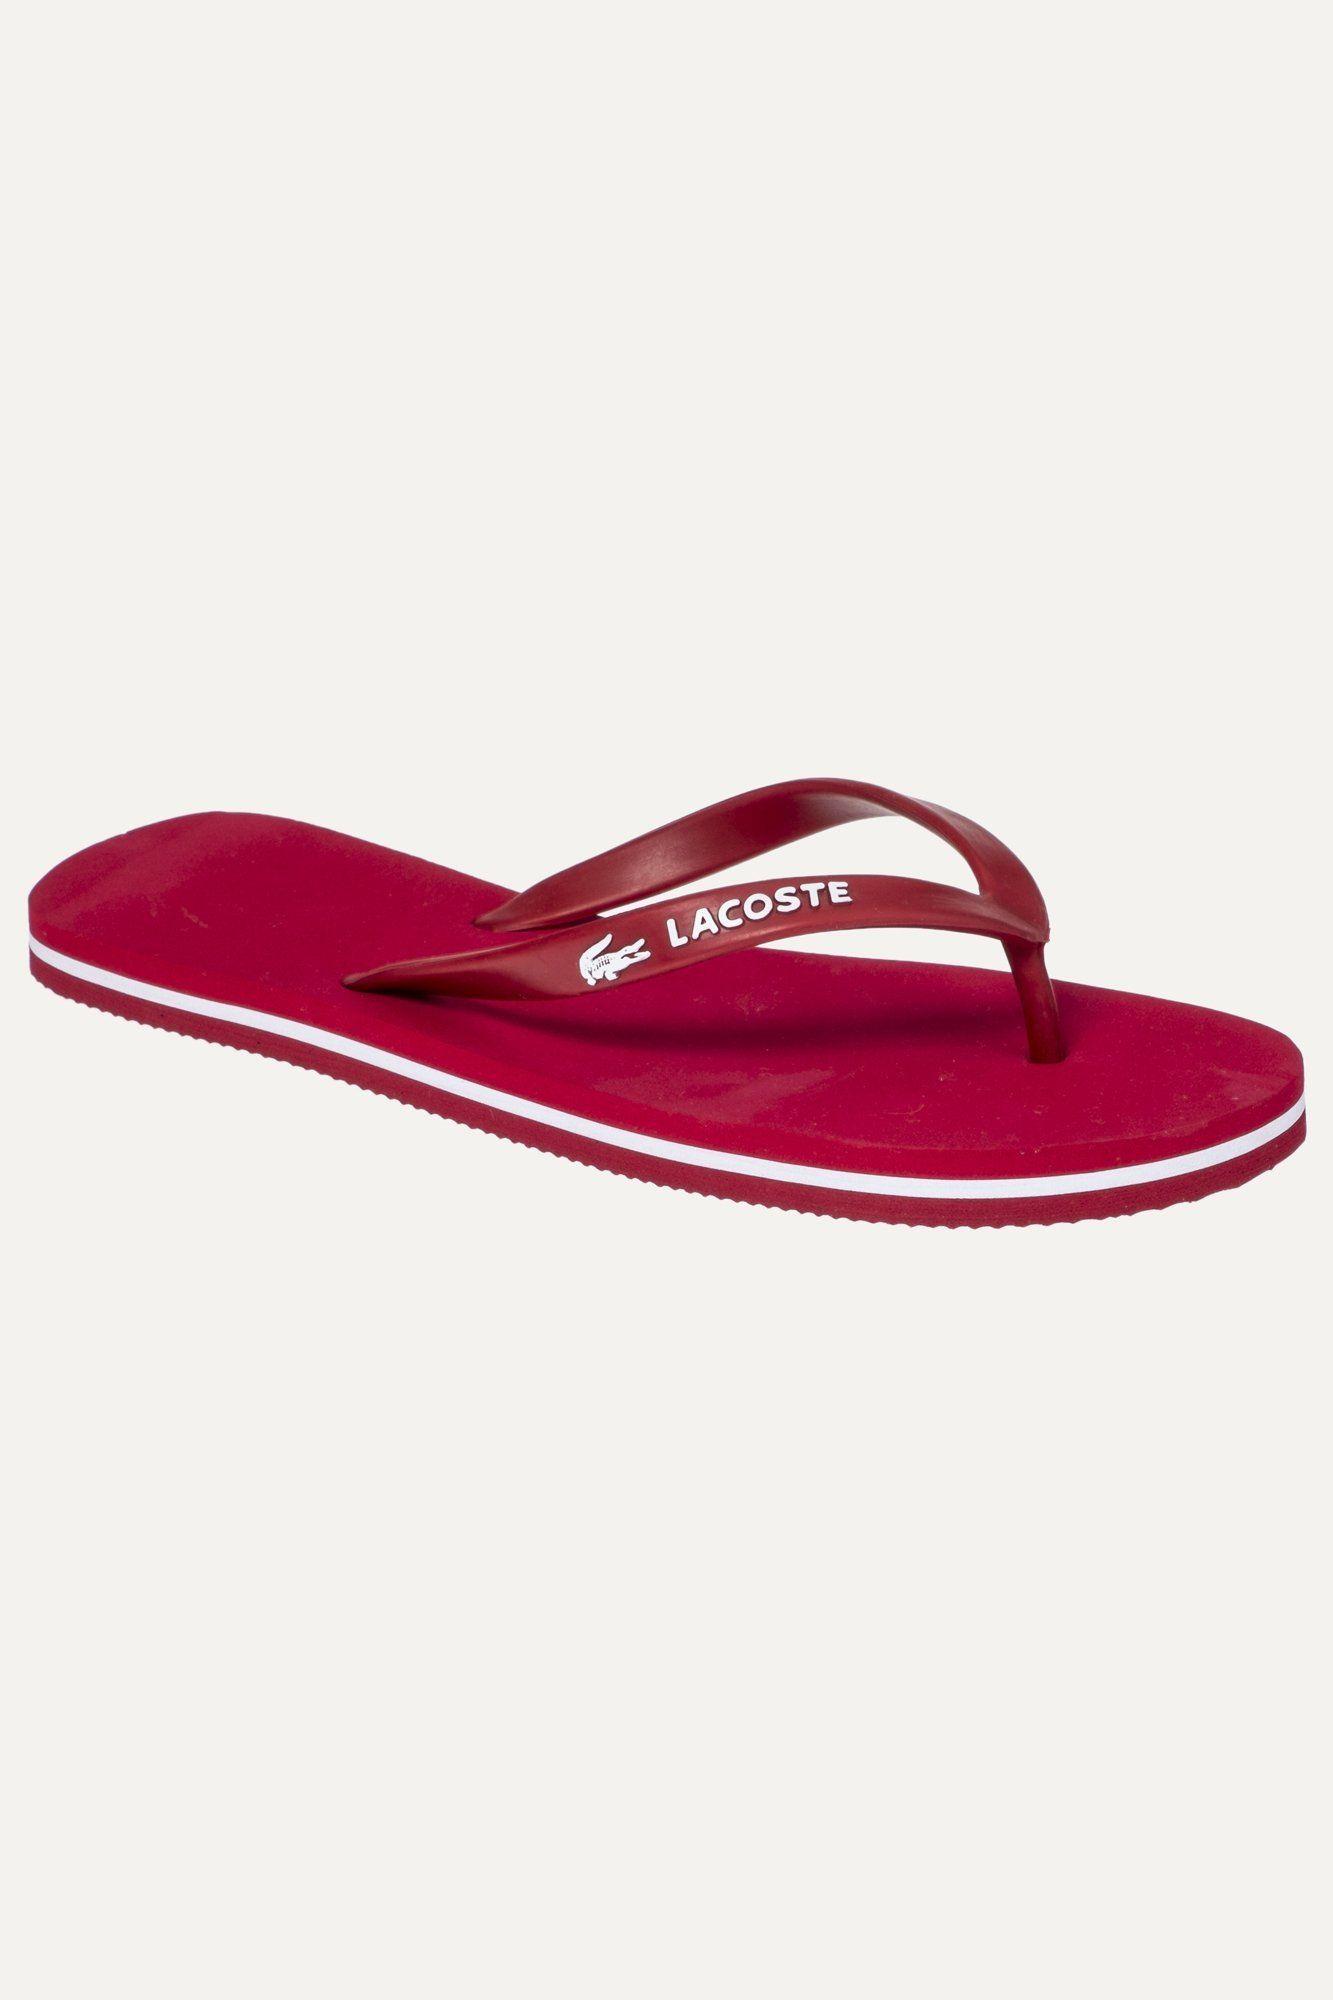 Ancelle Flip Flop | Lacoste women